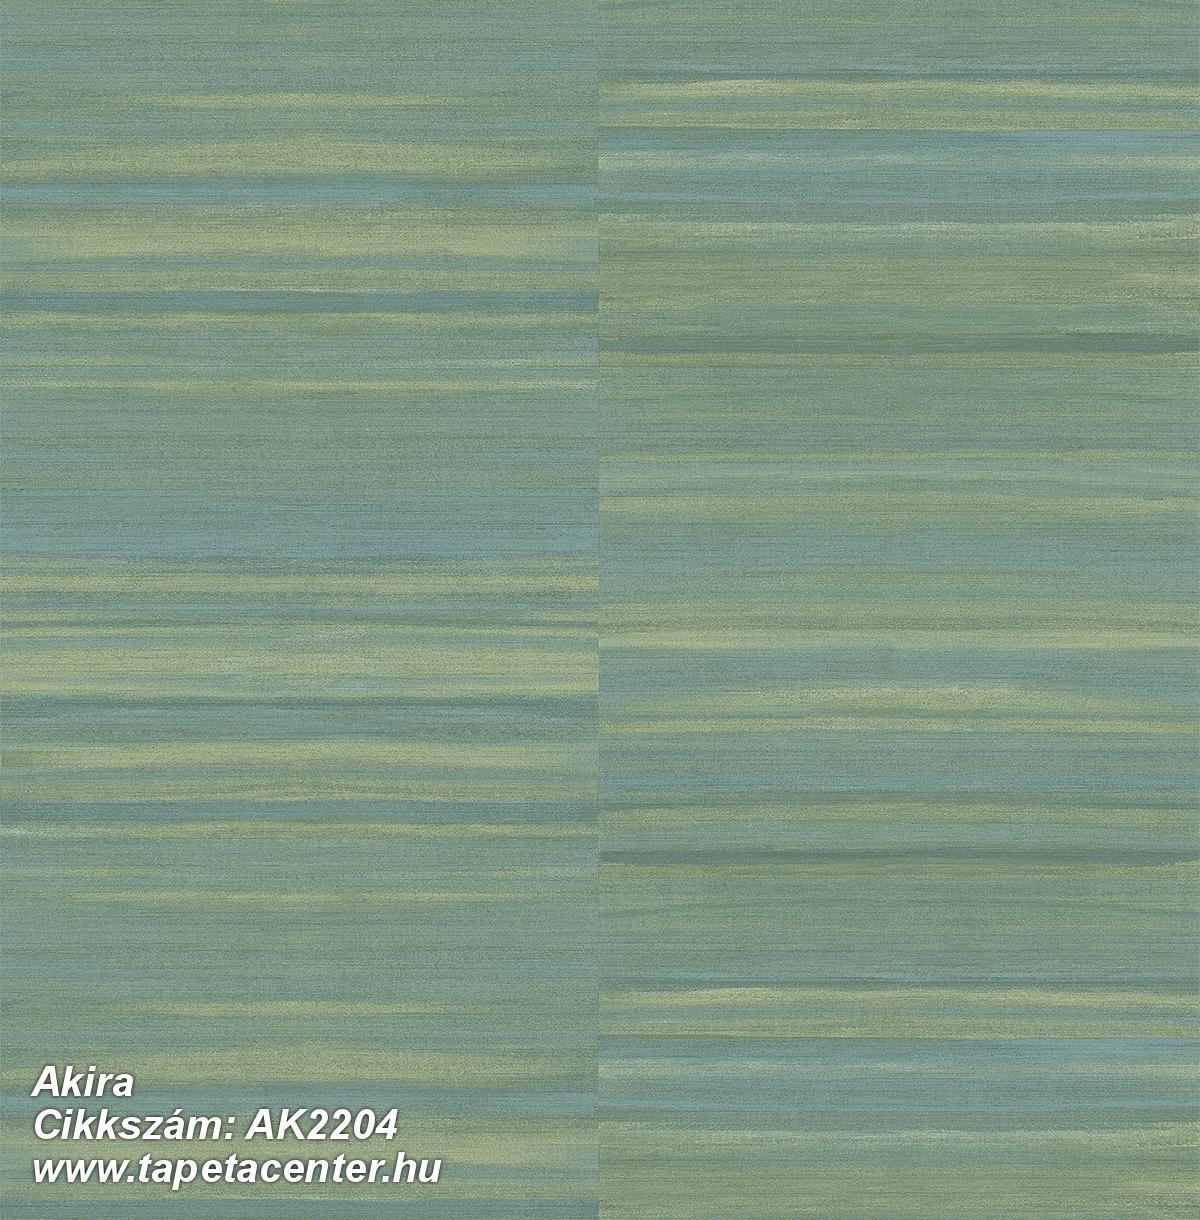 Dekor,különleges felületű,arany,kék,zöld,lemosható,illesztés mentes,vlies tapéta